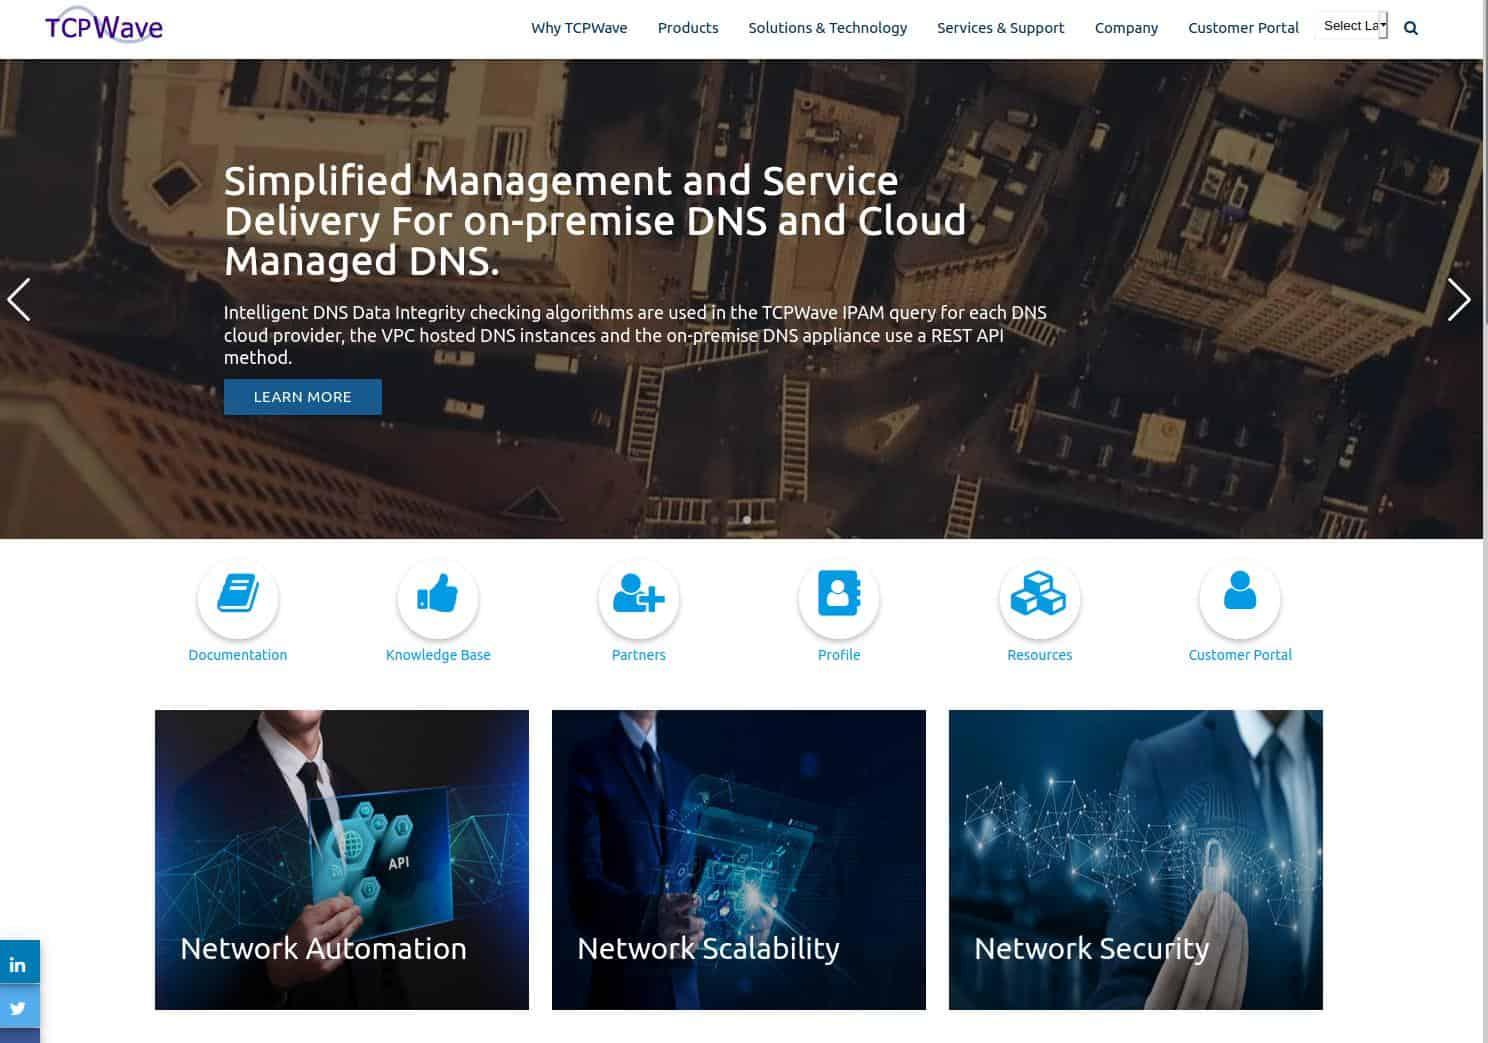 TCPWave Website Screenshot